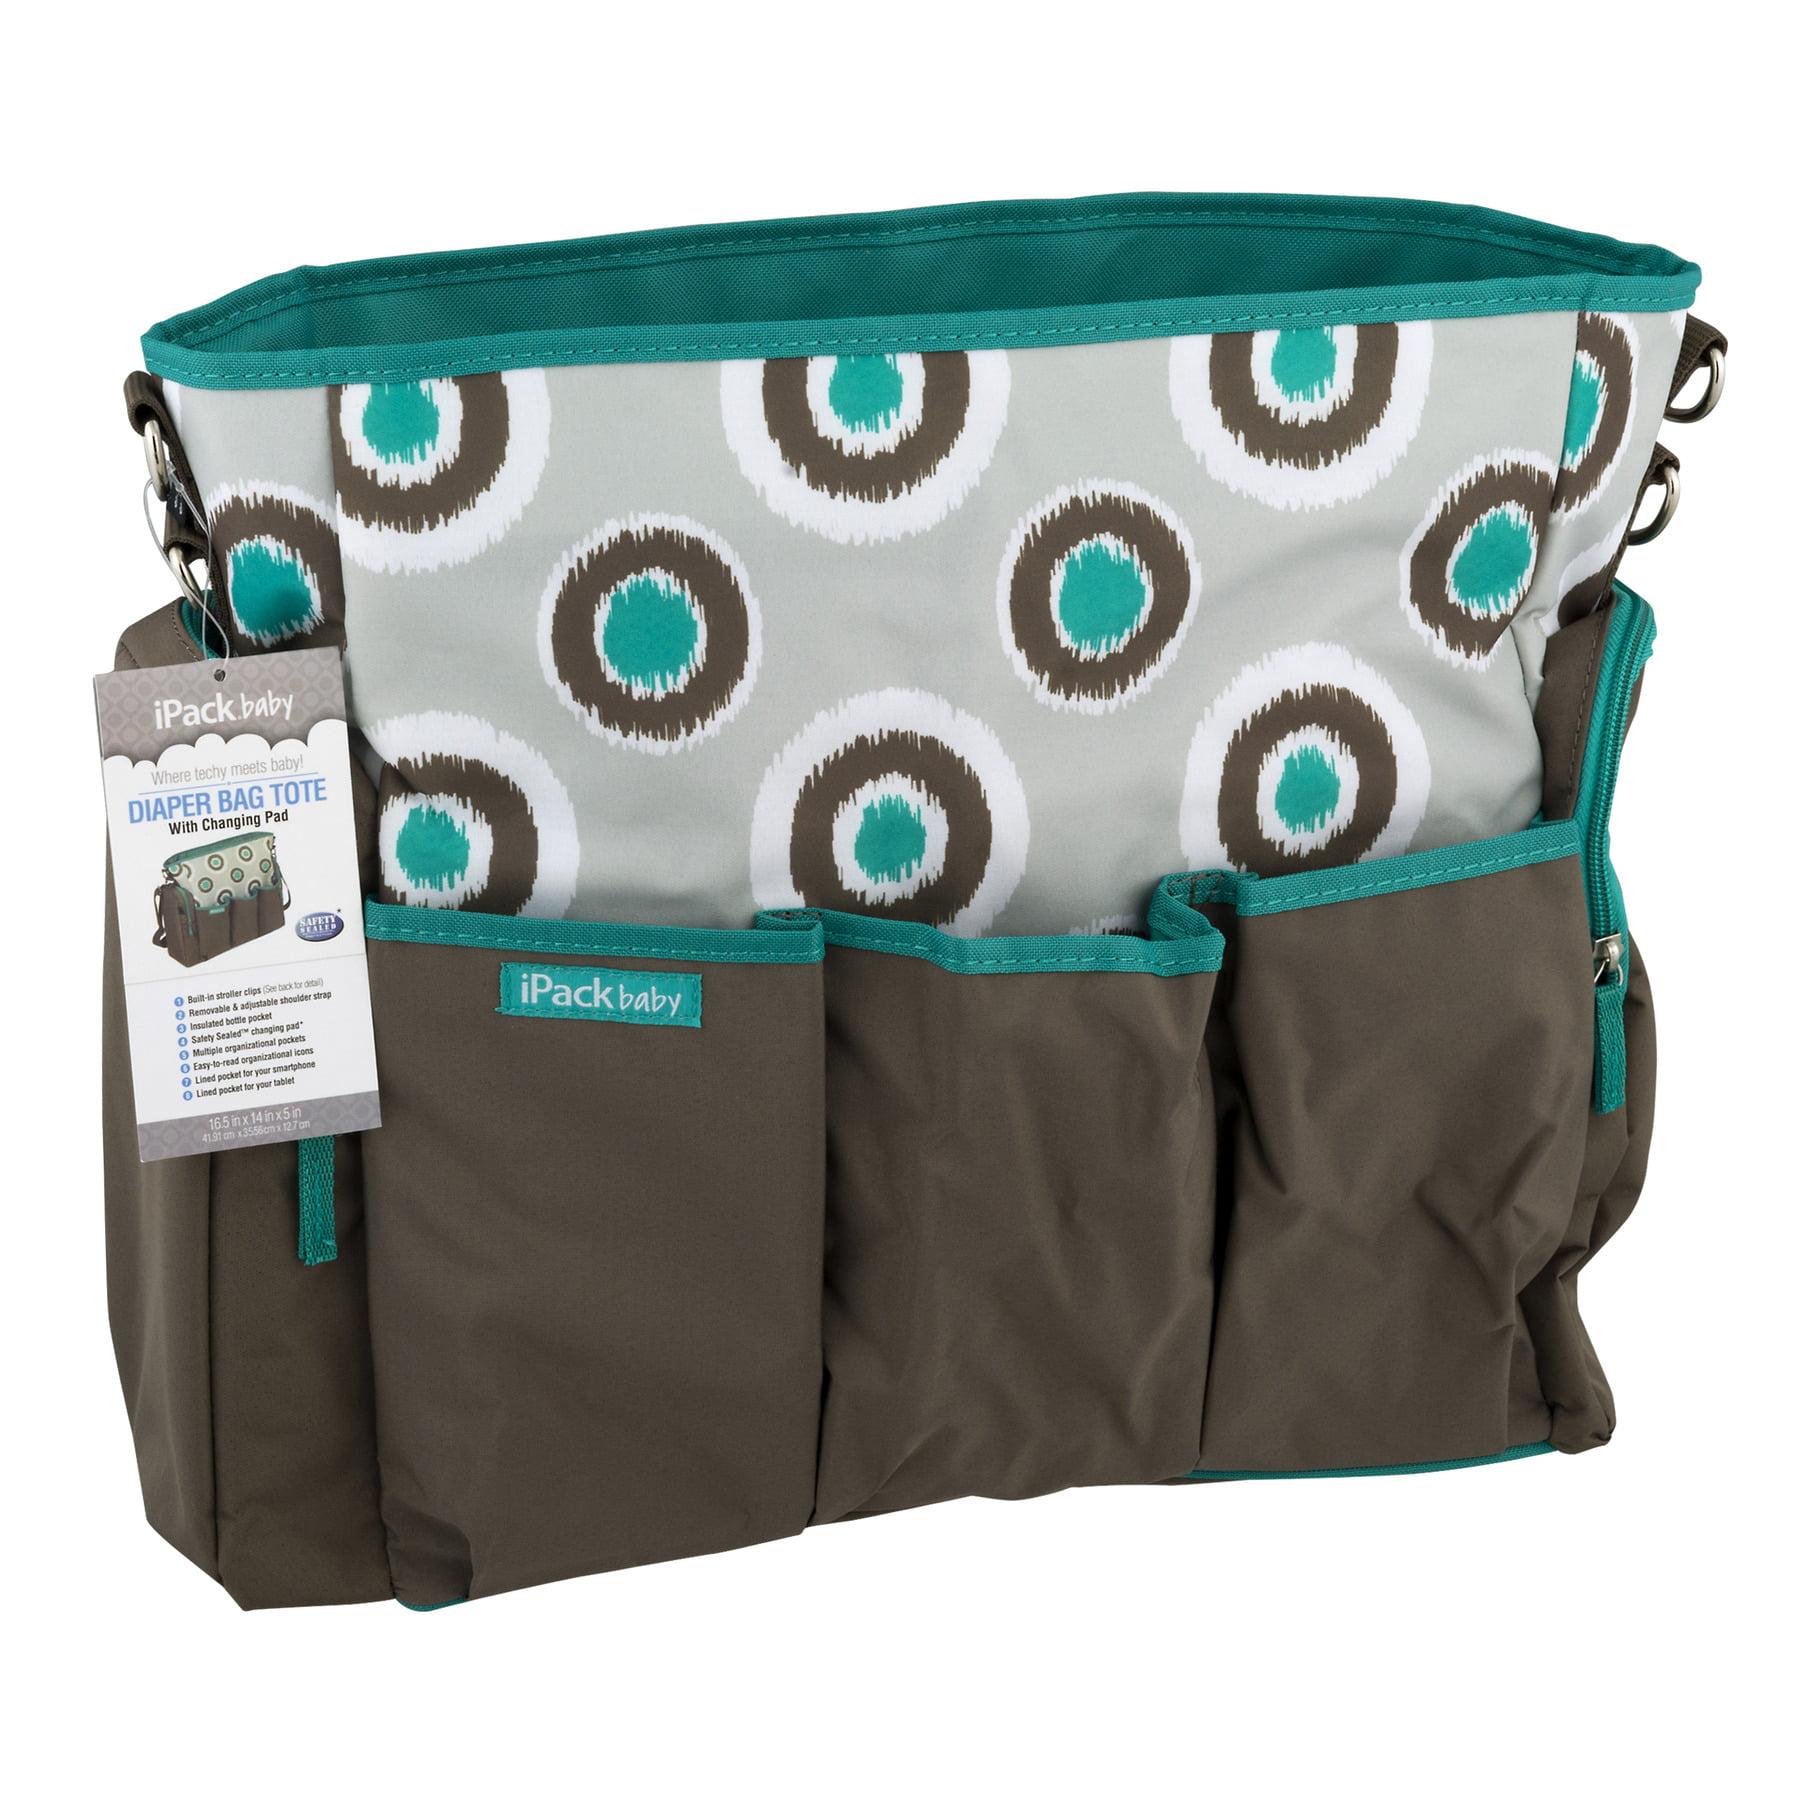 iPack Baby Diaper Bag Tote iKat Design, 1.0 CT